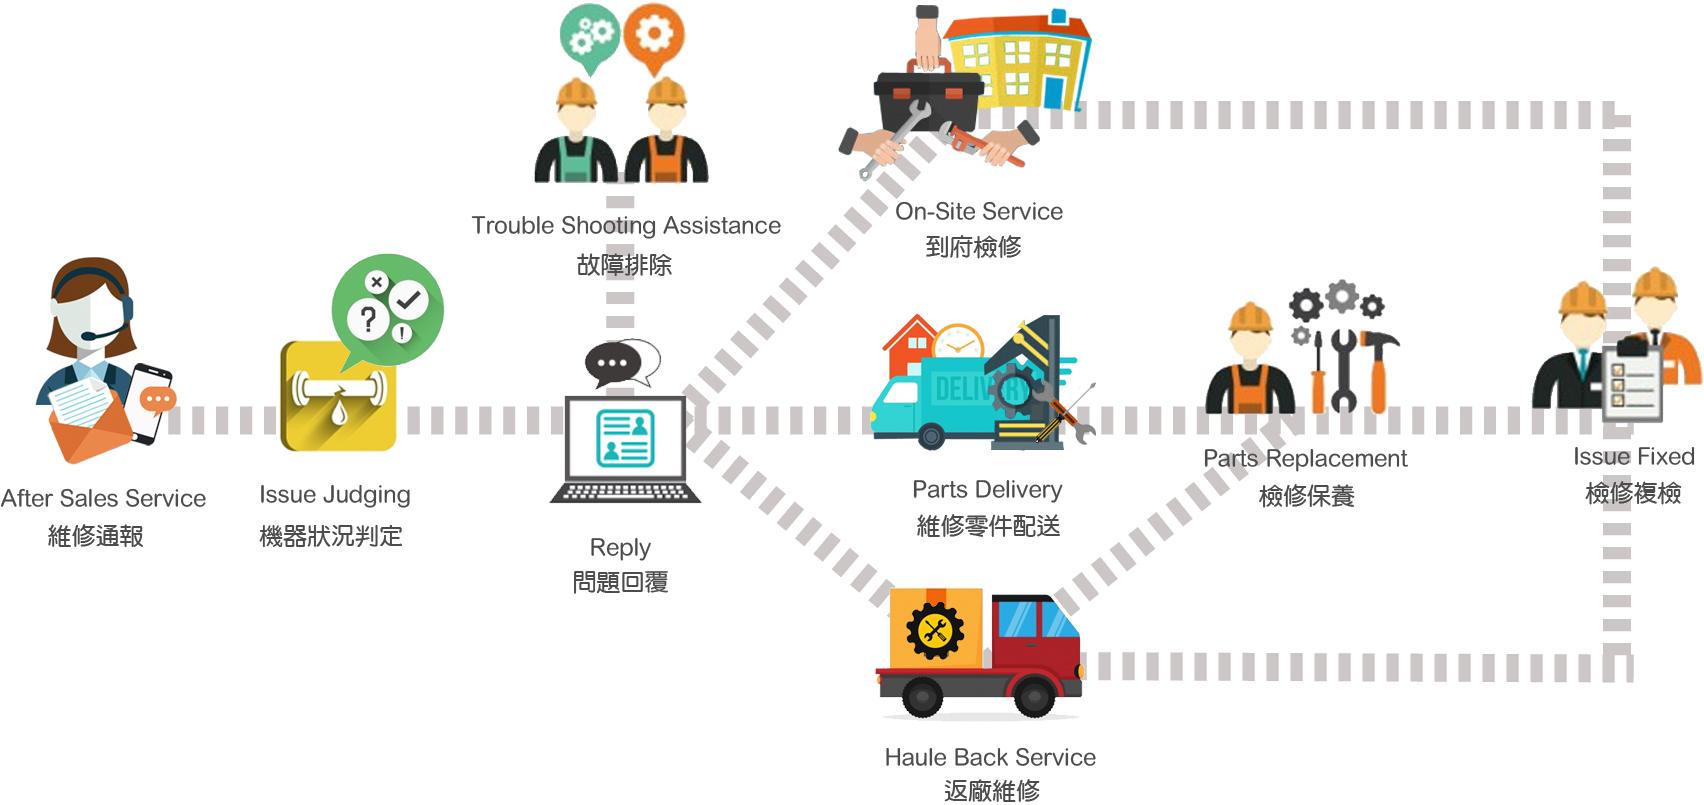 Ding-Han bietet zuverlässigen After-Sales-Service.